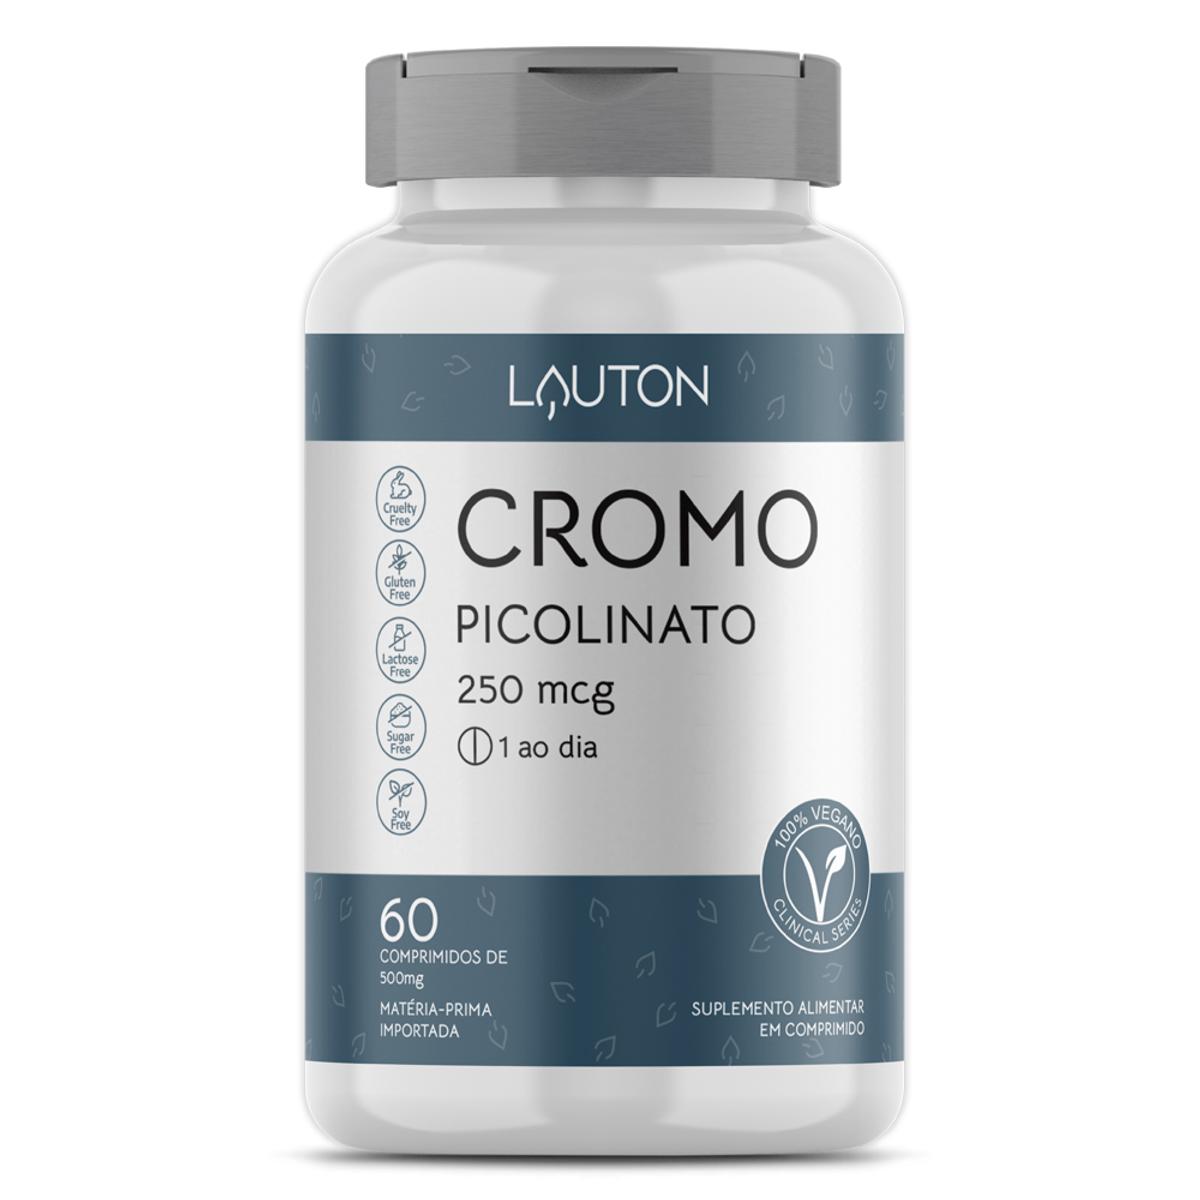 Cromo Picolinato 250mcg - 60 Comprimidos - Lauton Nutrition